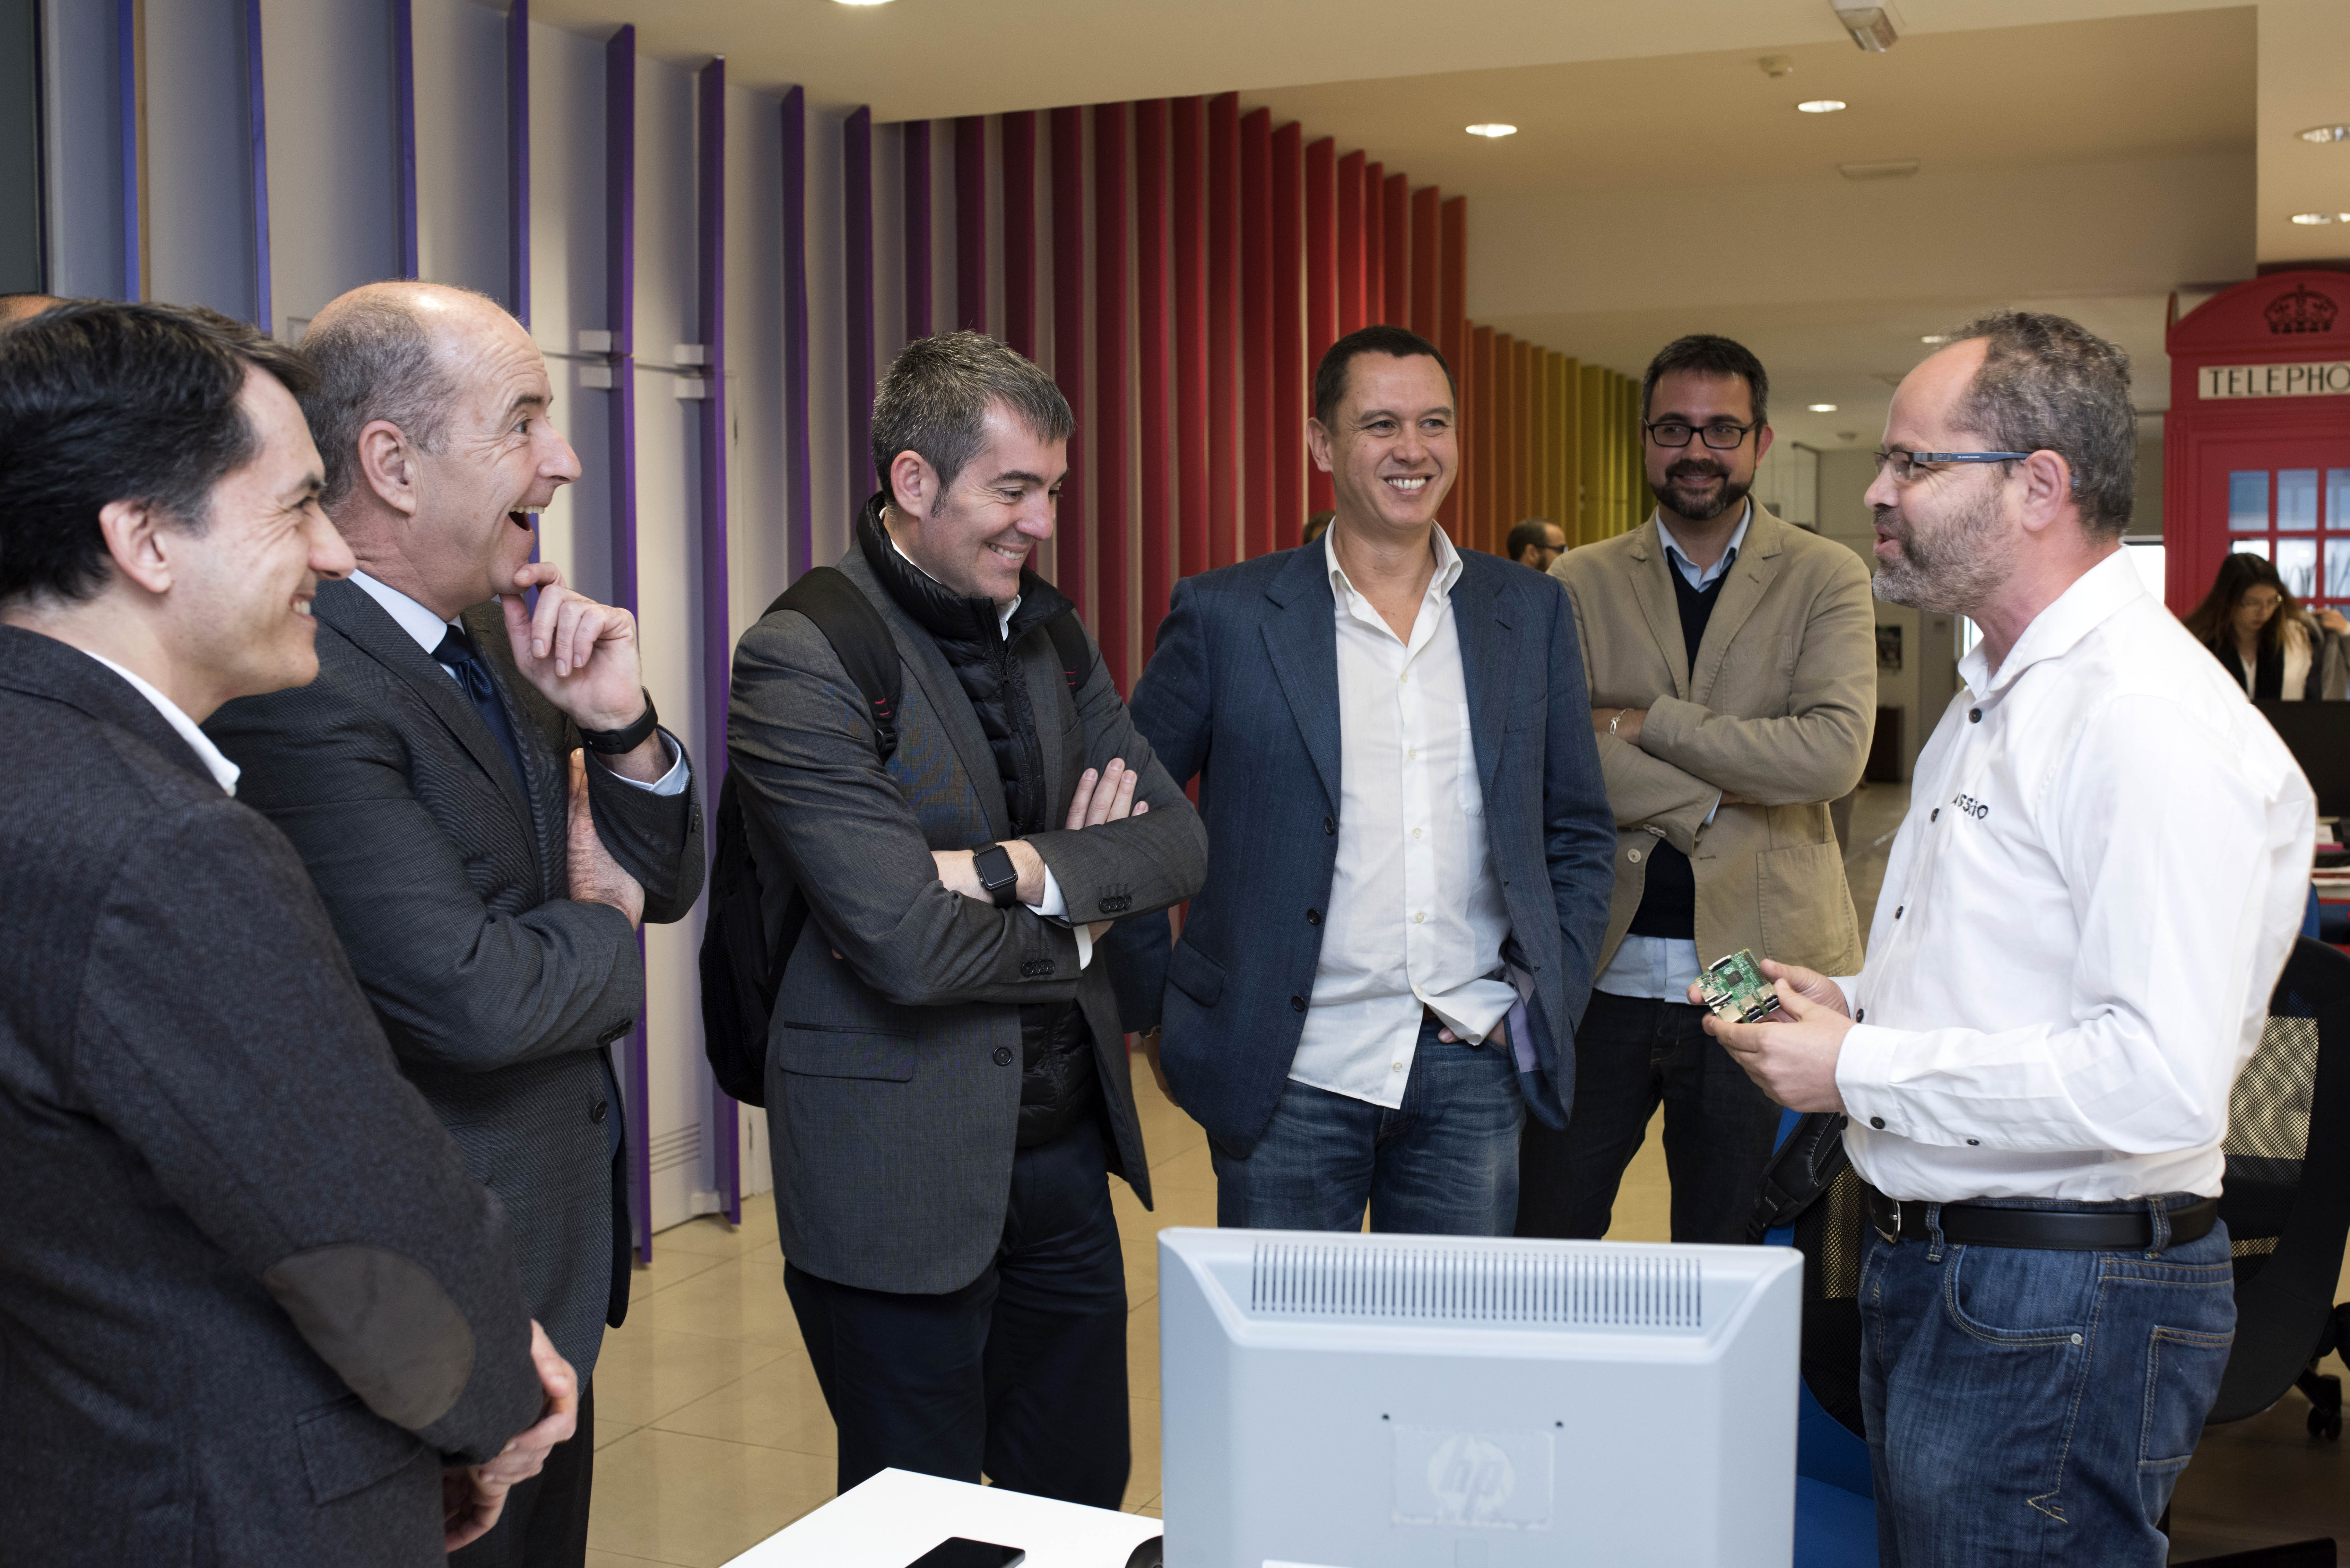 El Presidente del Gobierno de Canarias, acompañado por el Consejero de Economía, visitan las instalaciones de Sodecan en Las Palmas y comprueban su contribución al ecosistema emprendedor de las Islas.